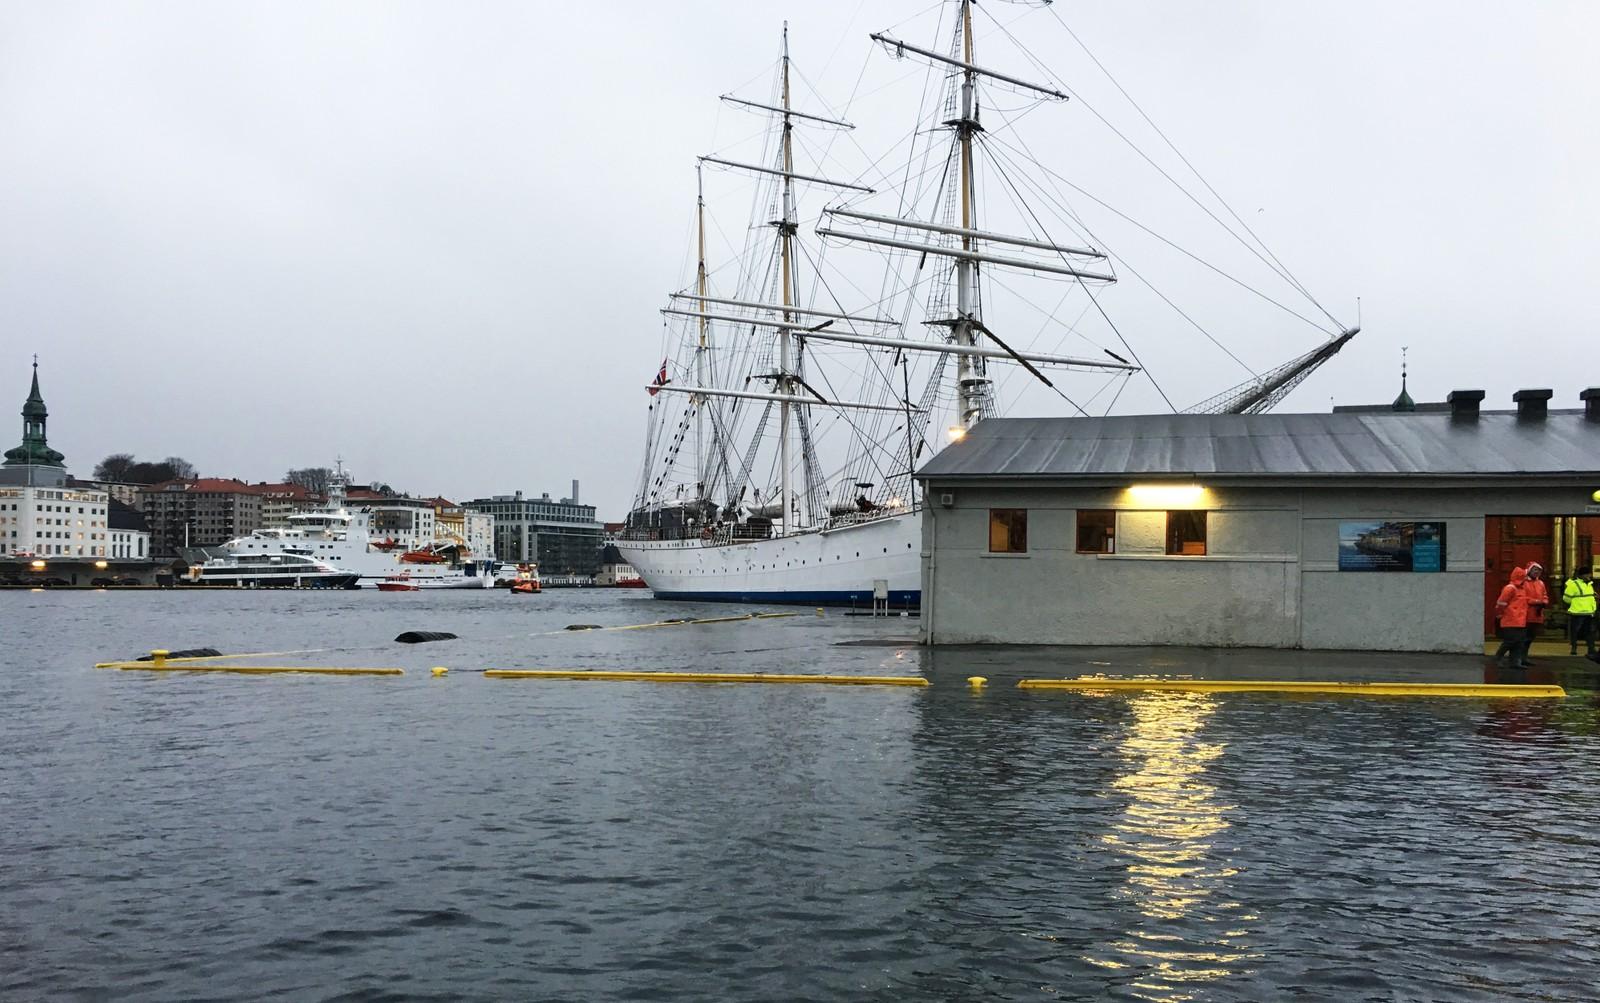 PÅ TOPP: Vannstanden var på sitt høyeste mellom klokken 10.40 og 11.00 i Bergen.